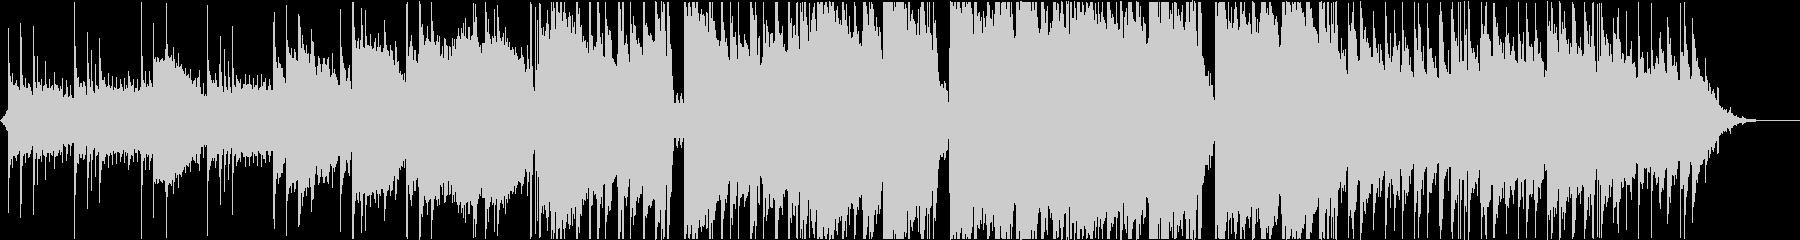 クールな映像音楽/トラベル/ドローンの未再生の波形